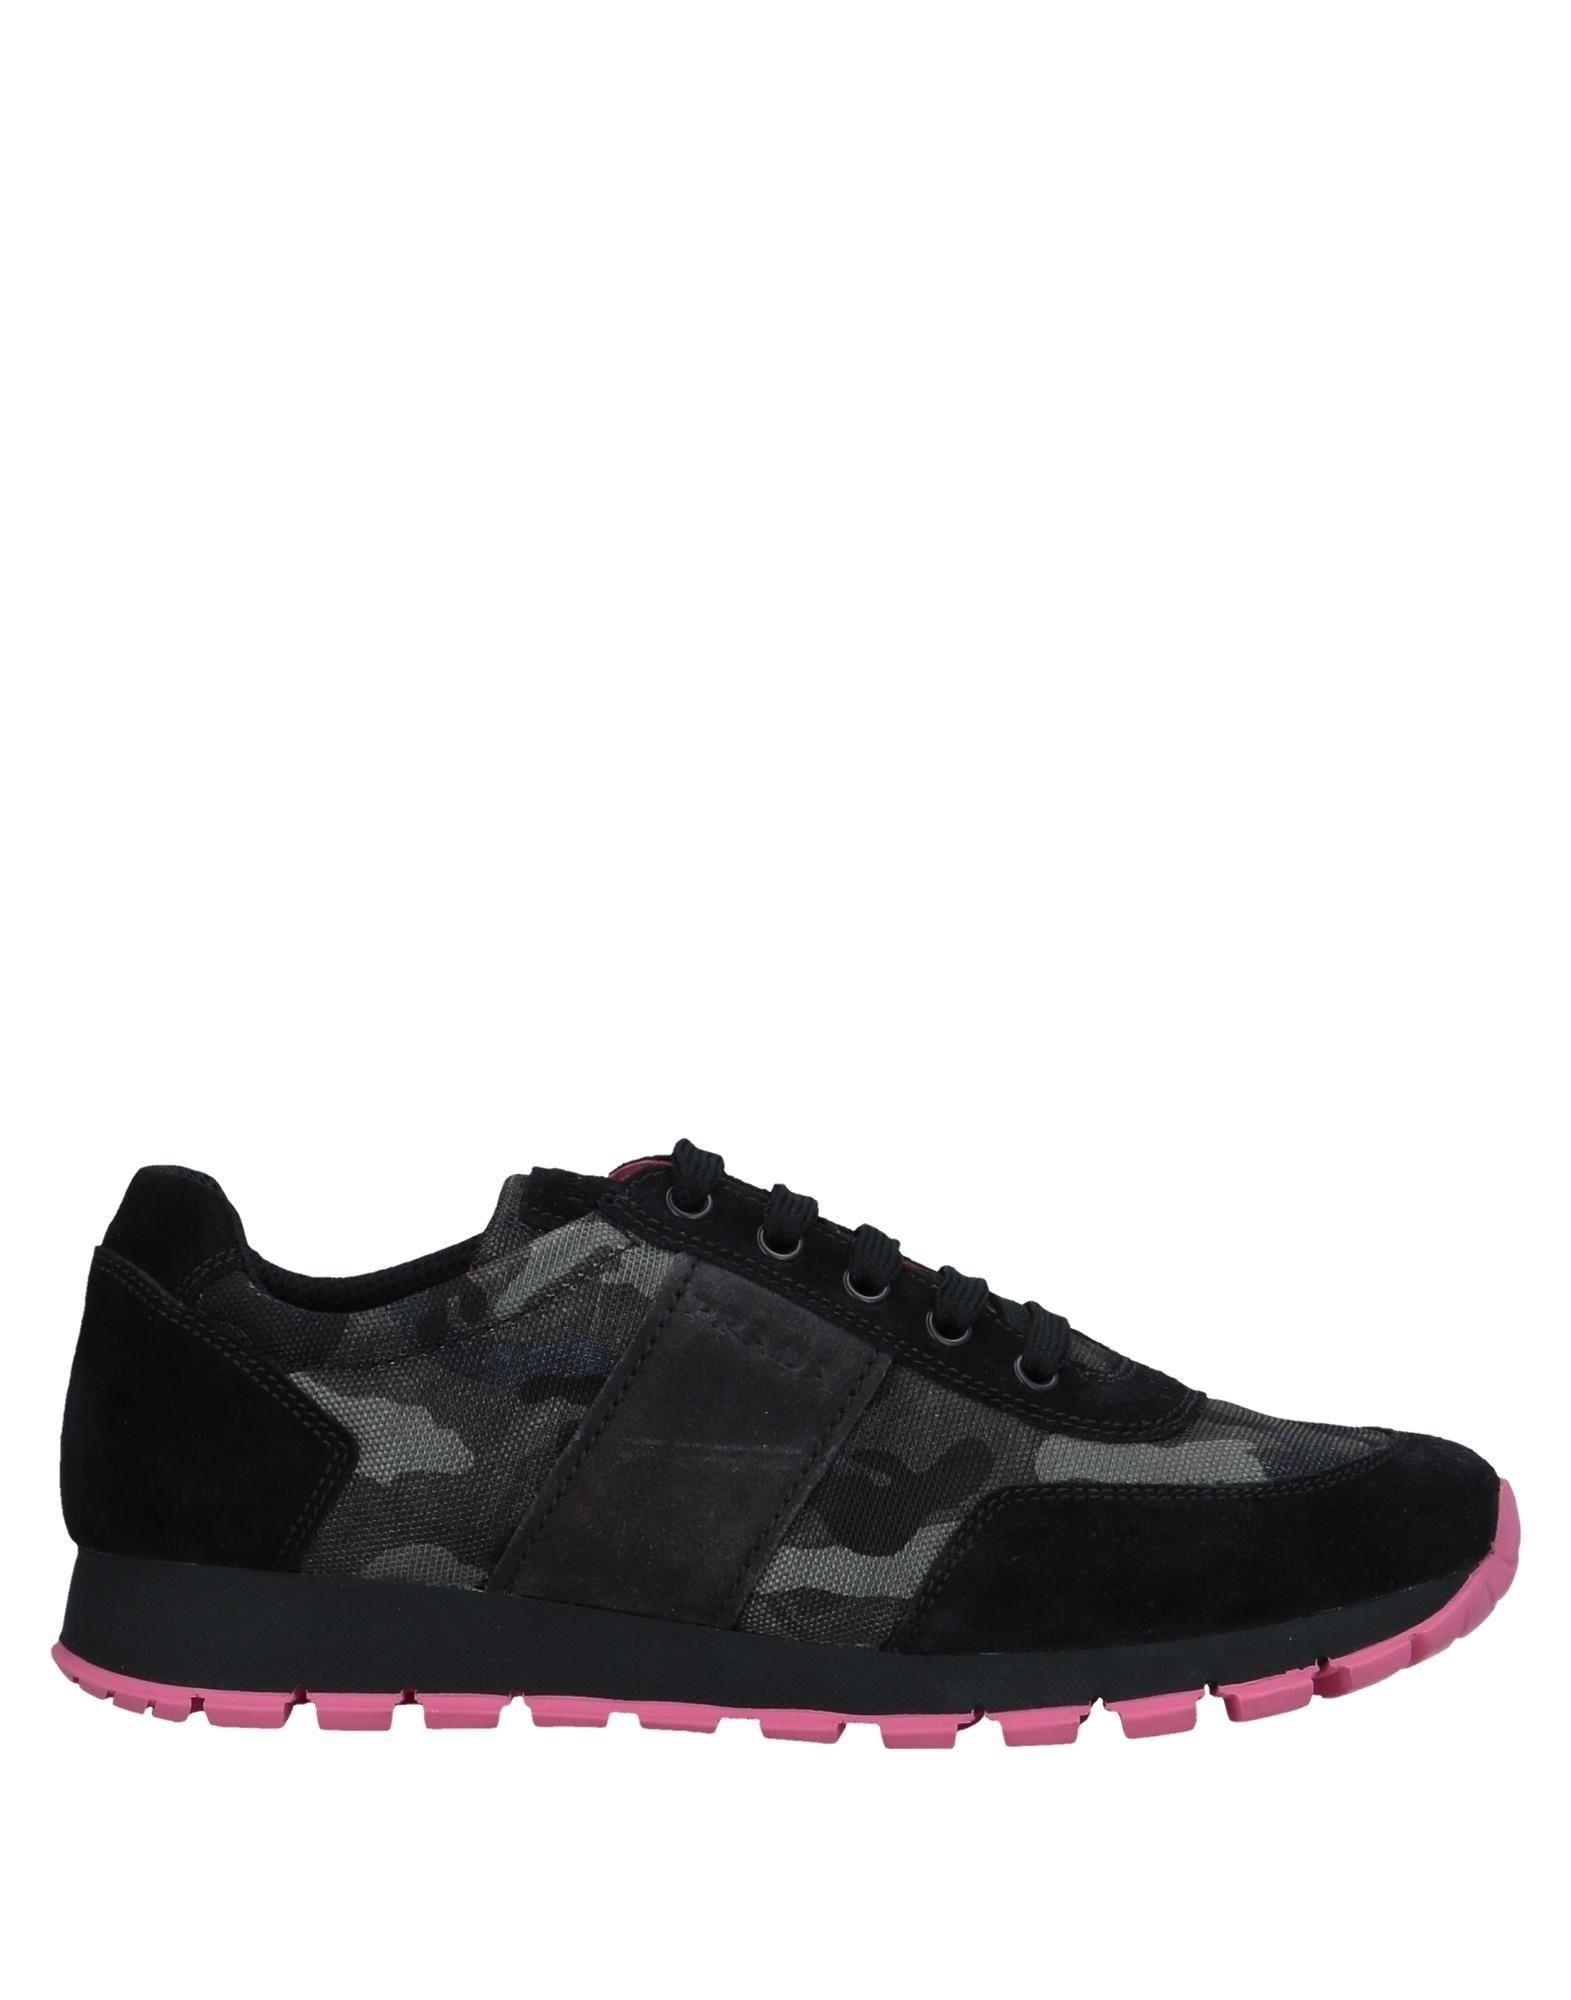 Zapatillas Negro Prada Mujer - Zapatillas Prada  Negro Zapatillas db3d28